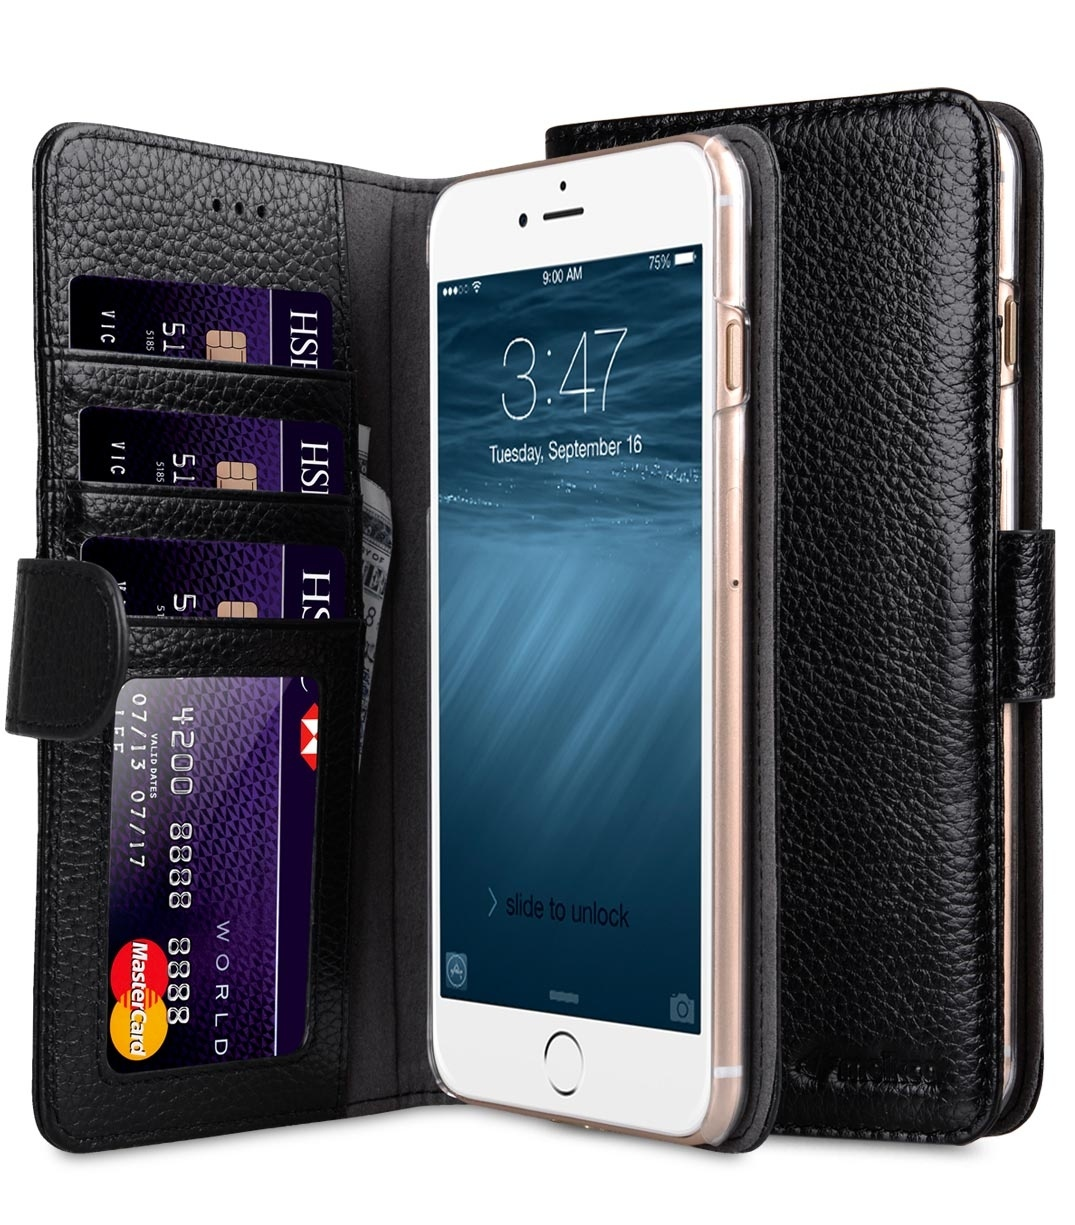 Чехол для сотового телефона Melkco Кожаный чехол книжка для Apple iPhone 6/6S - Wallet Book ID Slot Type, черный